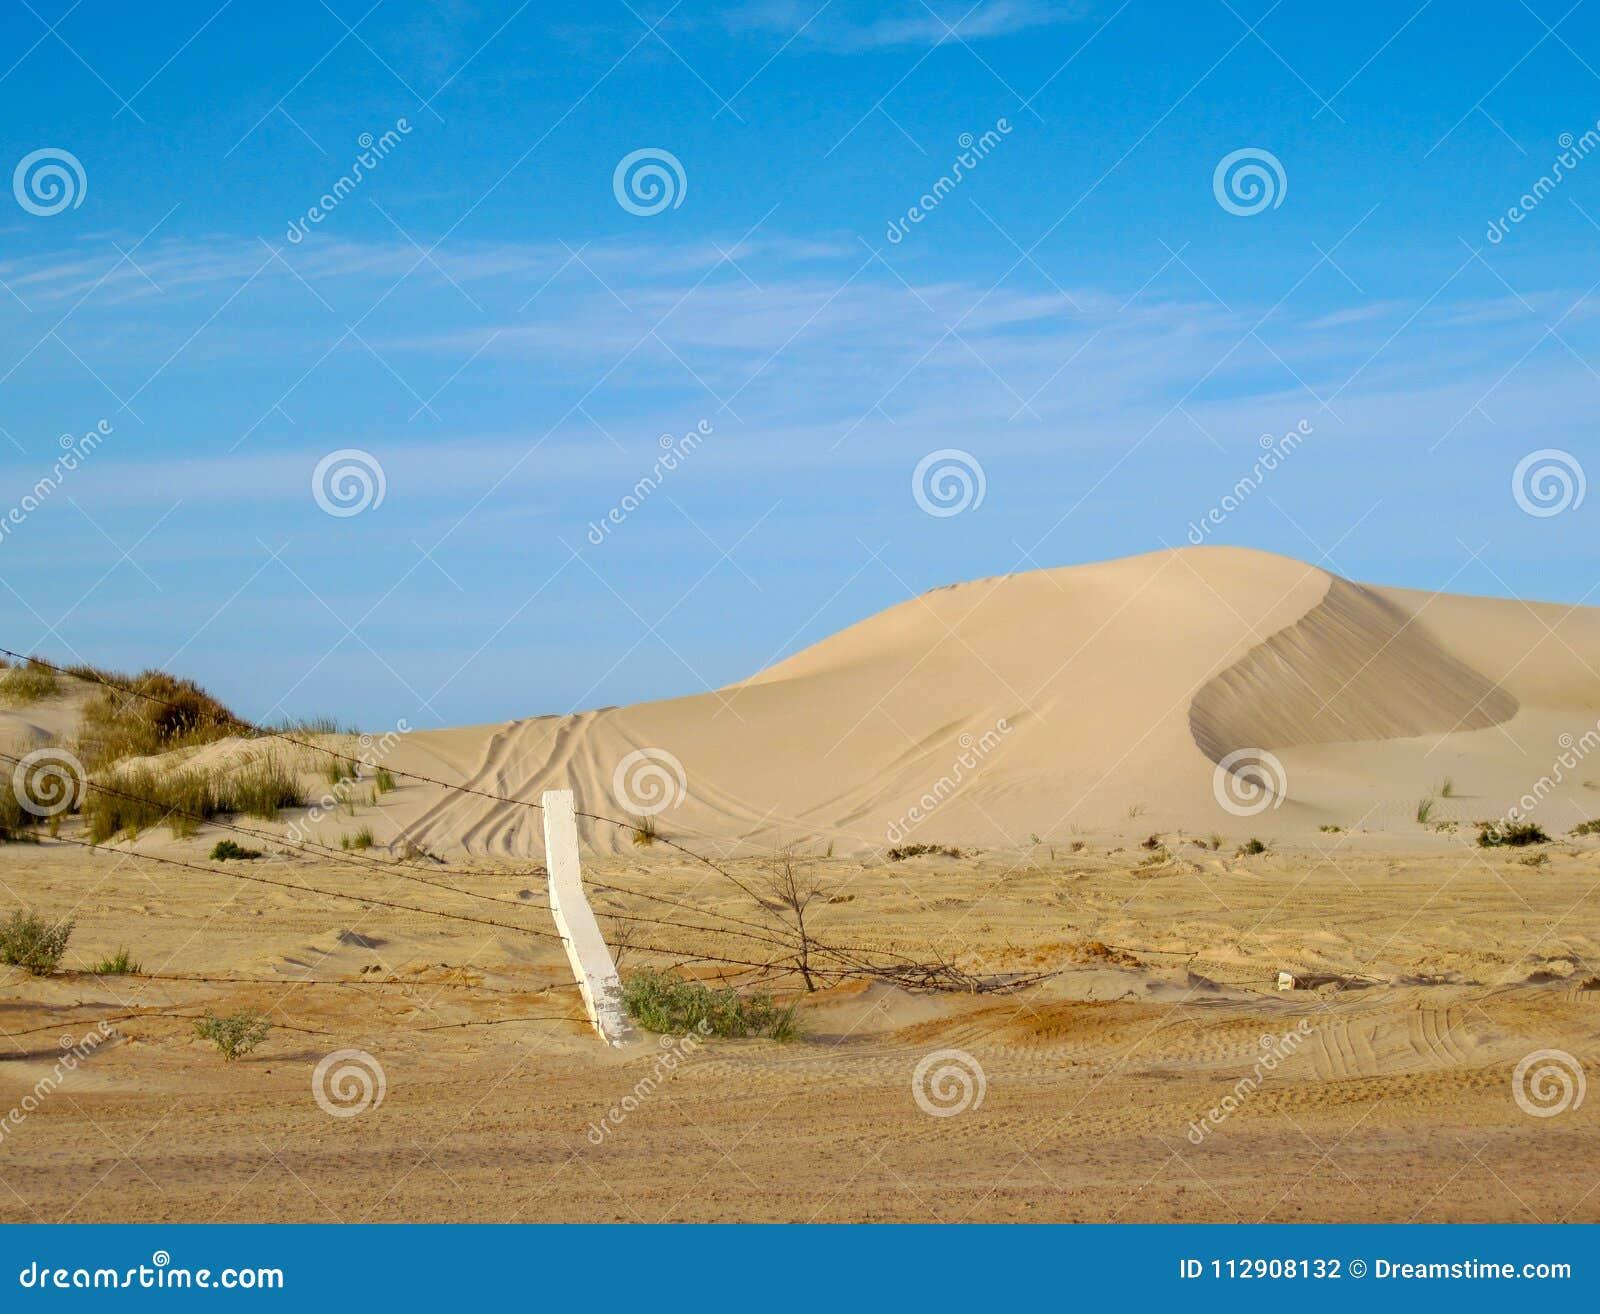 Παράκτιοι αμμόλοφοι άμμου με τις διαδρομές ροδών και οδοντωτός - φράκτης καλωδίων ενάντια στο μπλε ουρανό στη Λιβύη